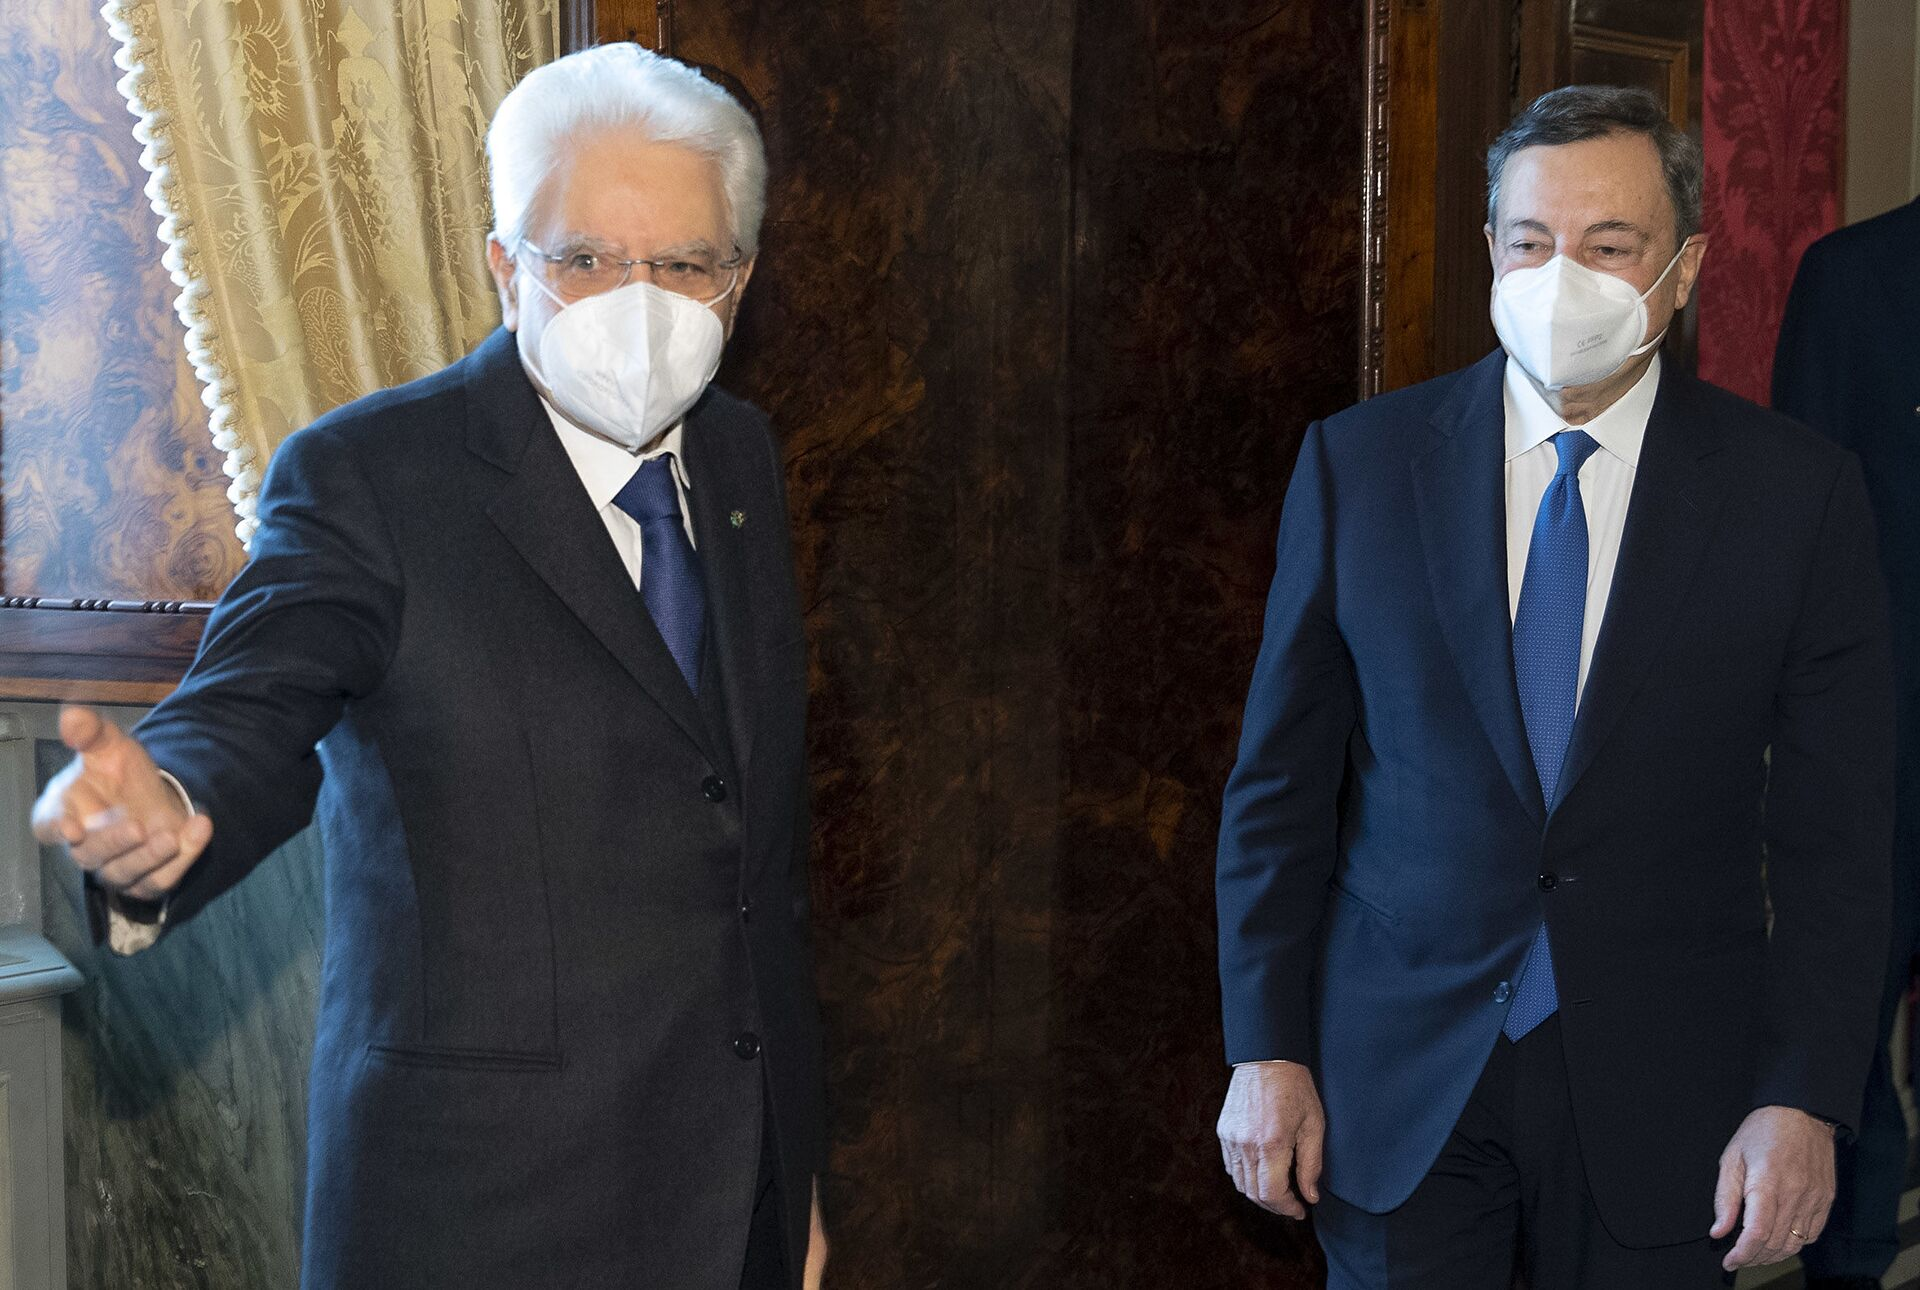 Salvini apre a Mario Draghi: Se le nostre idee coincidono noi ci siamo - Sputnik Italia, 1920, 05.02.2021